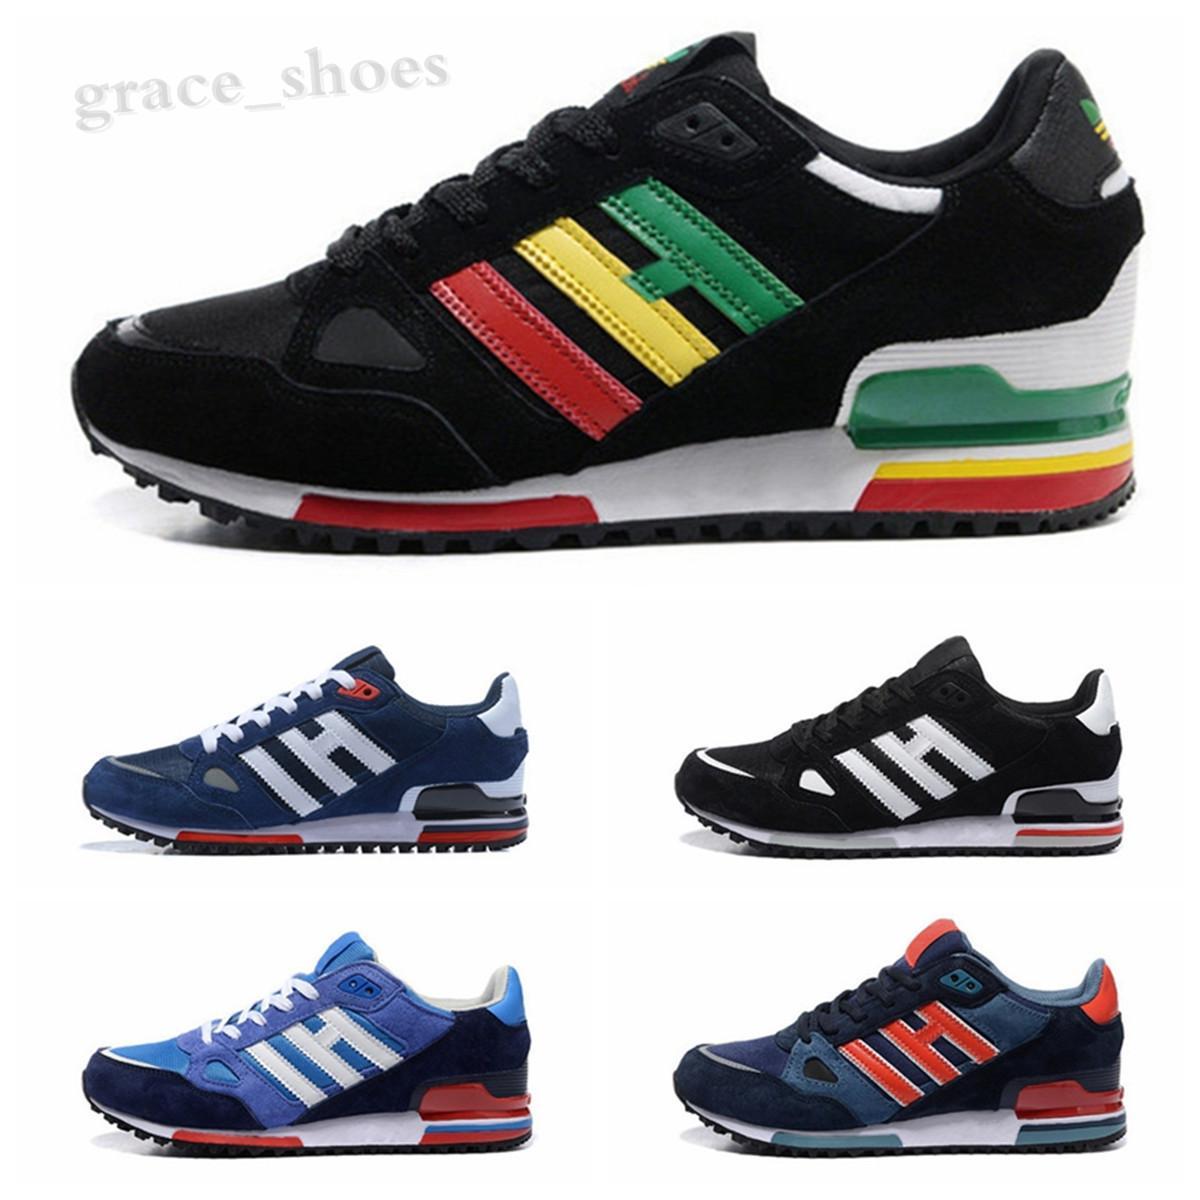 Originals ZX750 2019 Vente en gros EDITEX originaux ZX750 Sneakers zx 750 pour hommes et femmes de sport Respirant Chaussures de course Livraison gratuite Taille 36-45 PP06